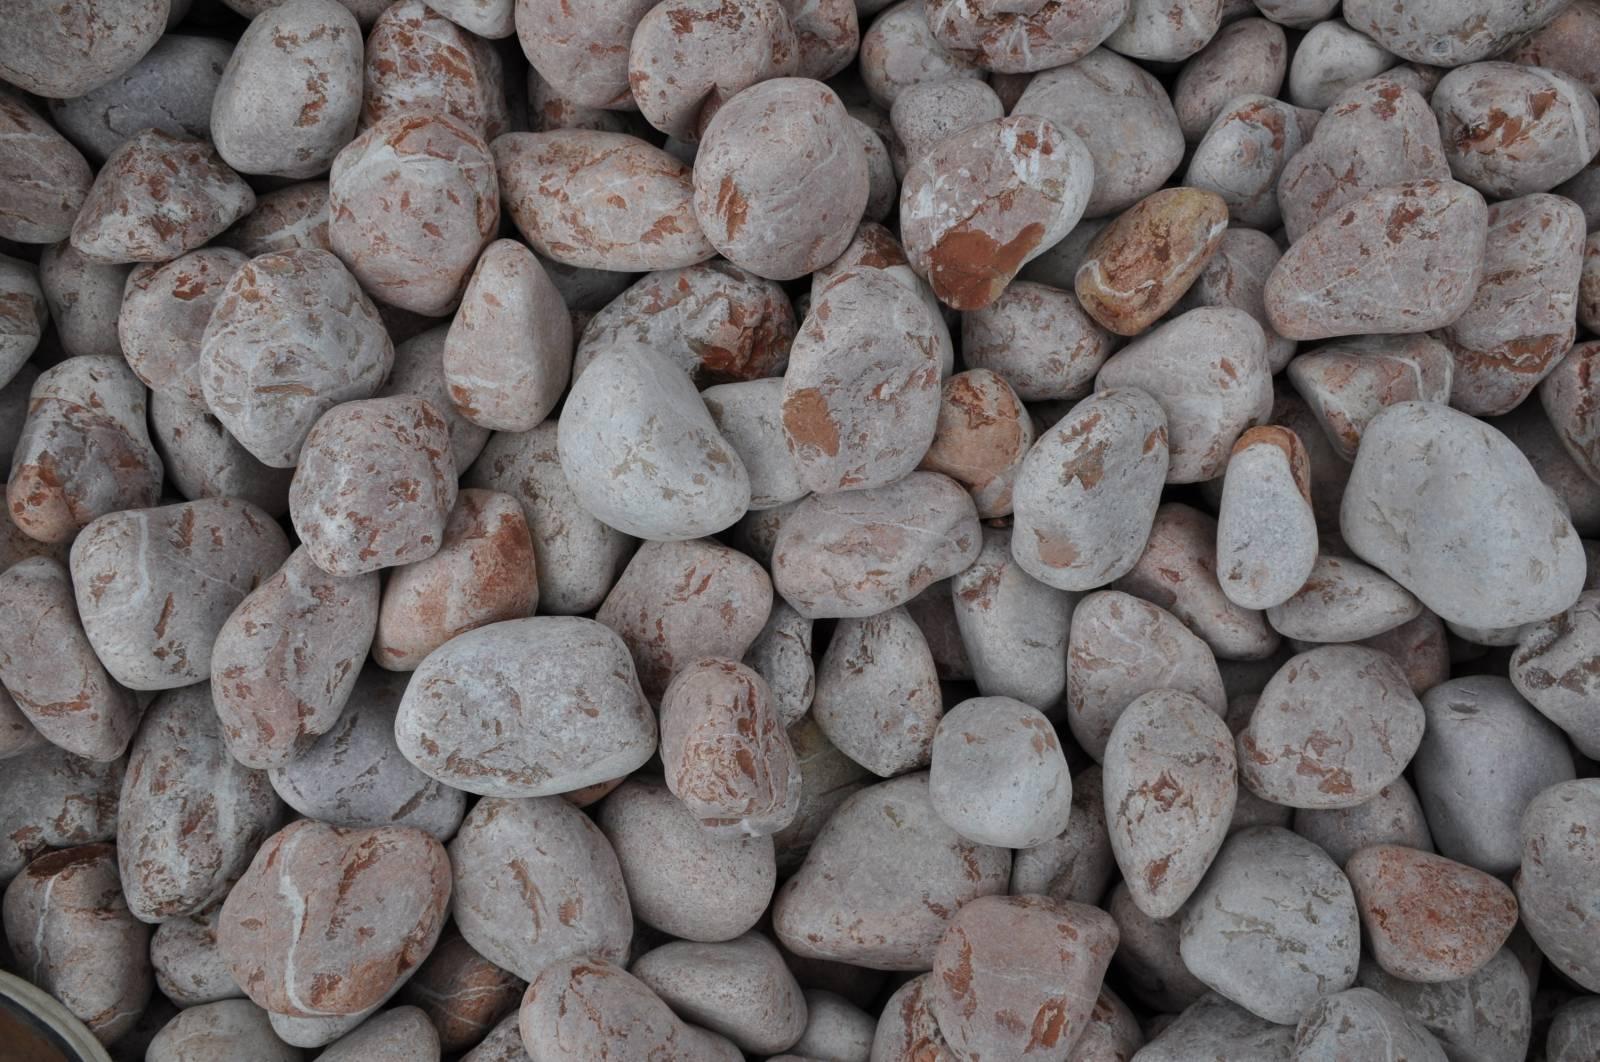 galets d coratifs vente de pierres naturelles d coratives ambar s et lagrave 100 pierres. Black Bedroom Furniture Sets. Home Design Ideas